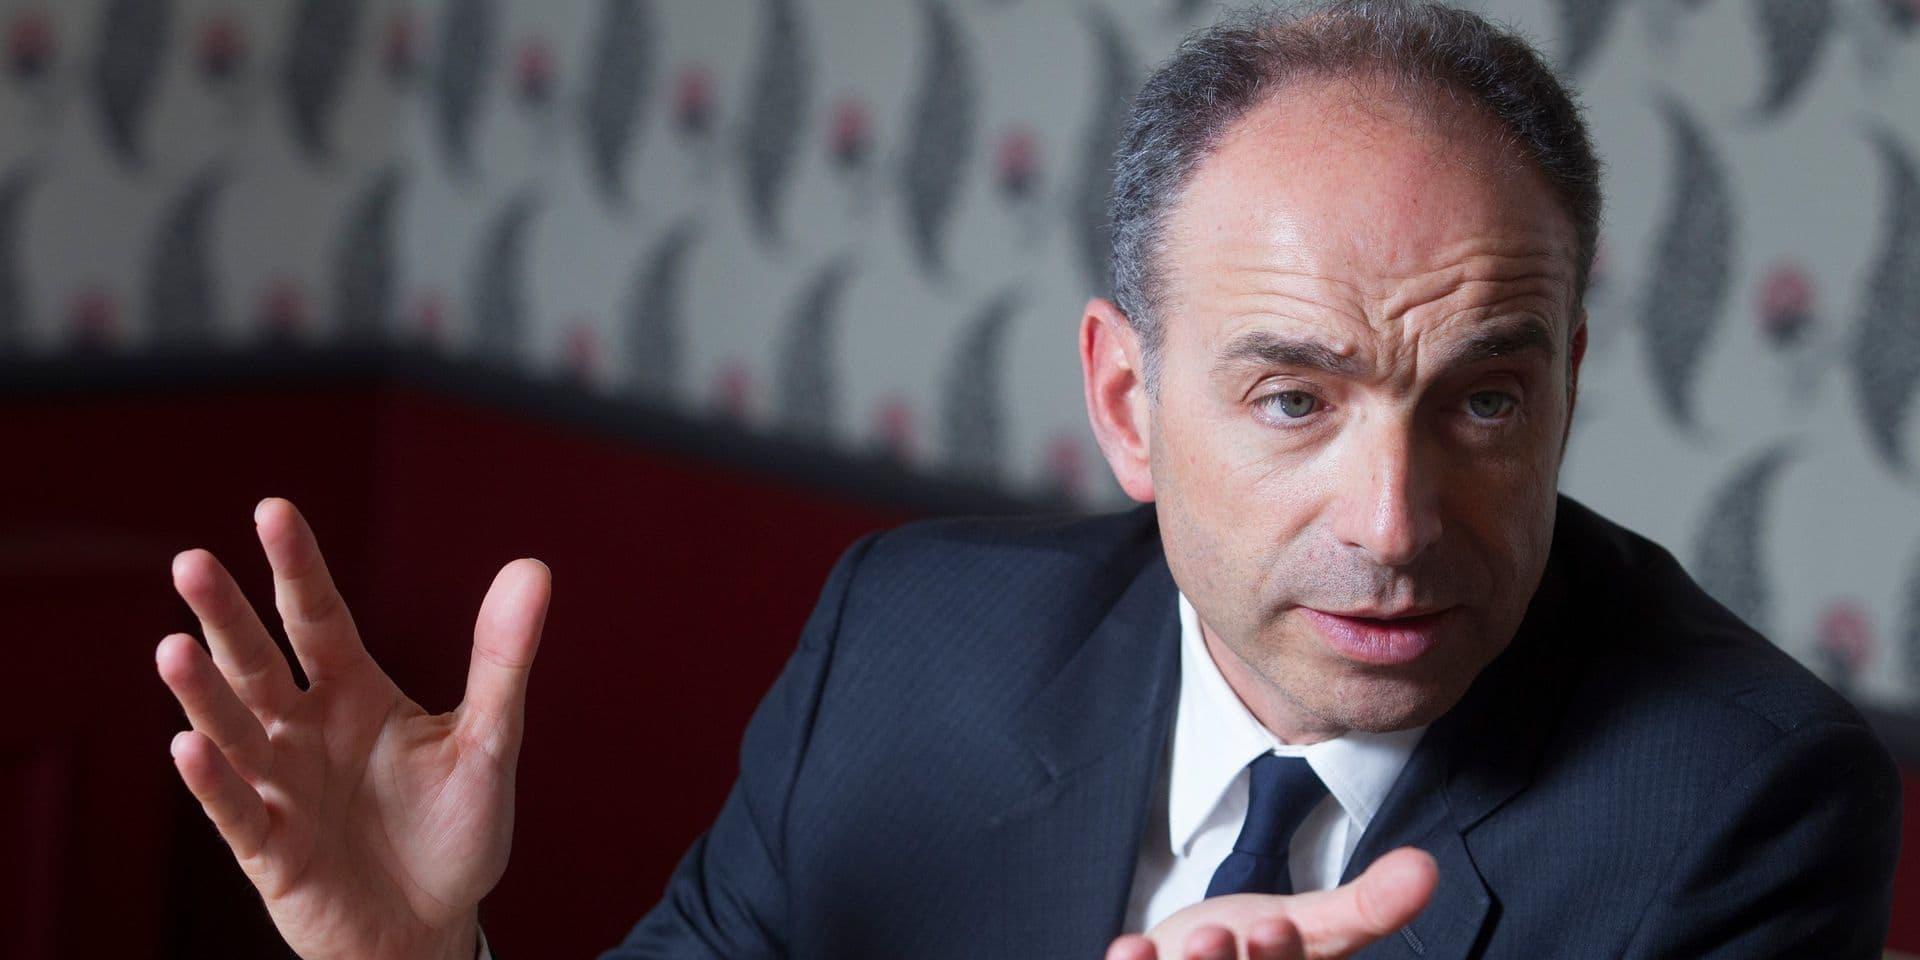 Jean-François Copé débarque au procès Bygmalion sur les dépenses de la campagne présidentielle de Nicolas Sarkozy